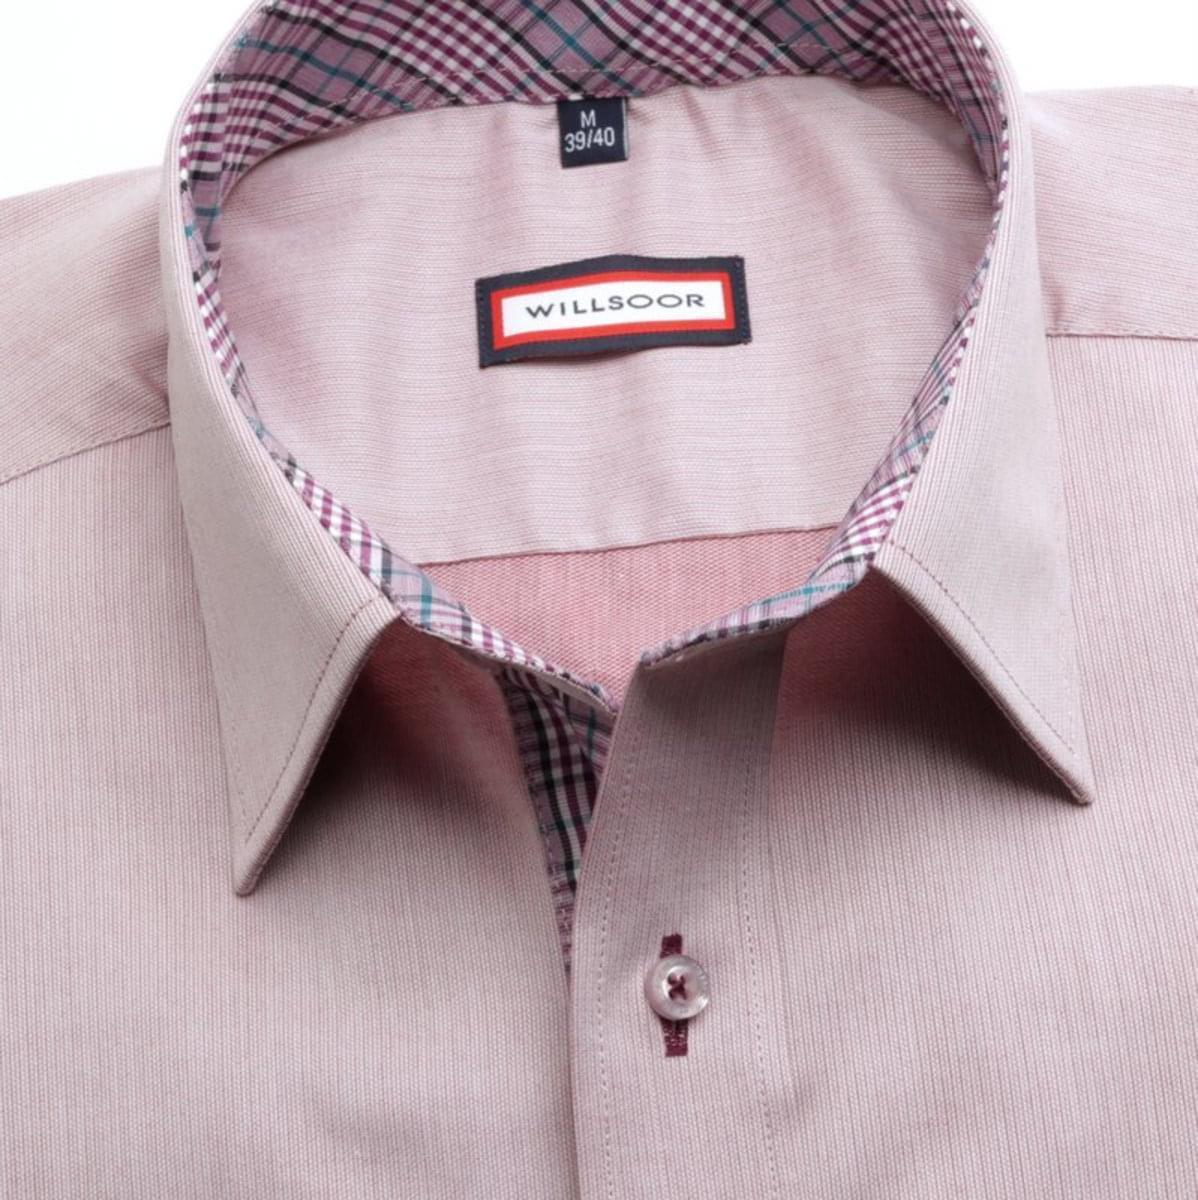 Pánska klasická košeľa (výška 176-182) 7449 vo fialkovej farbe 176-182 / L (41/42)